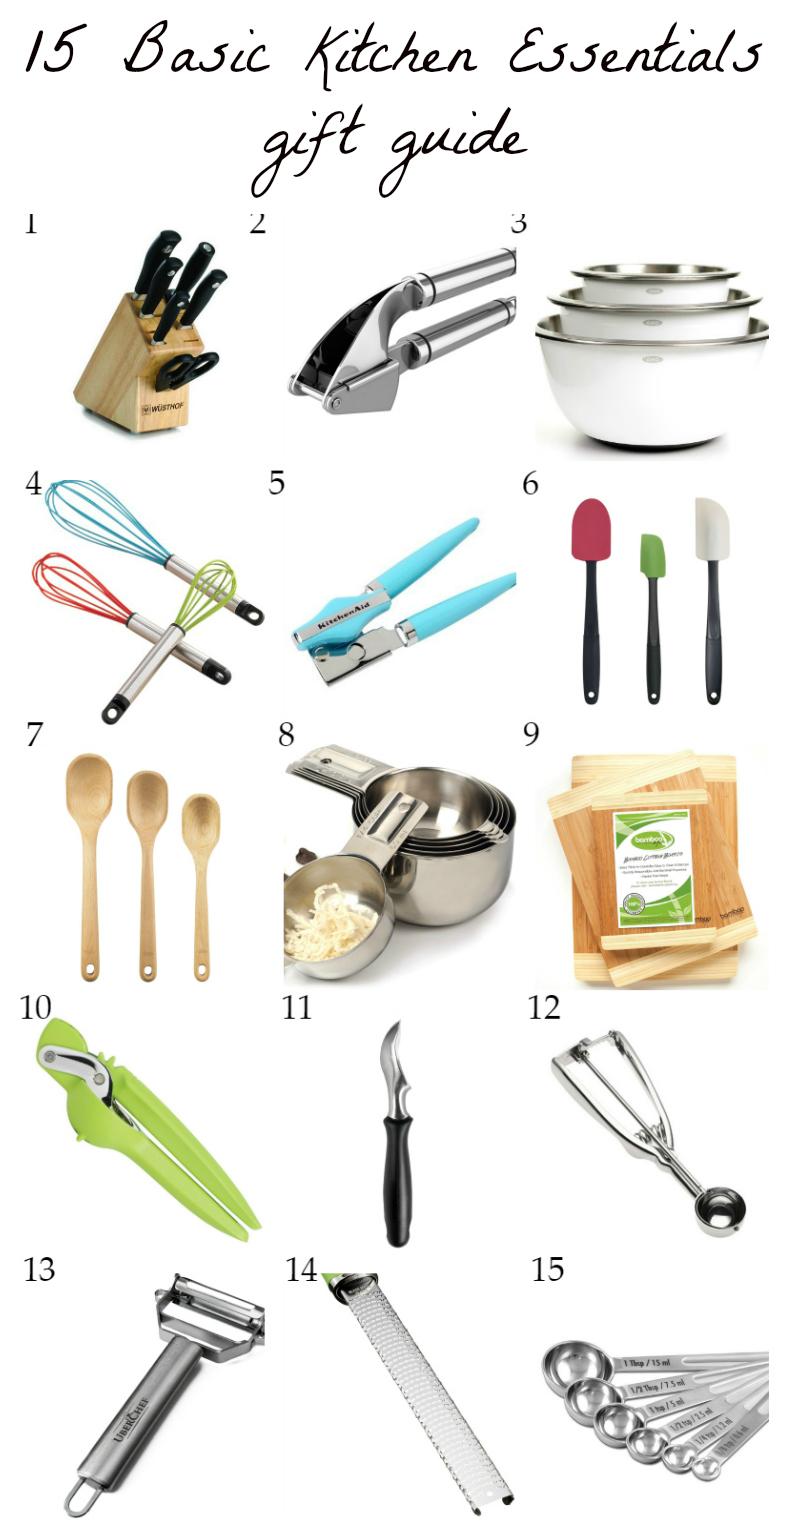 Kitchen Essentials 15 basic kitchen essentials {holiday gift guide} | ambitious kitchen